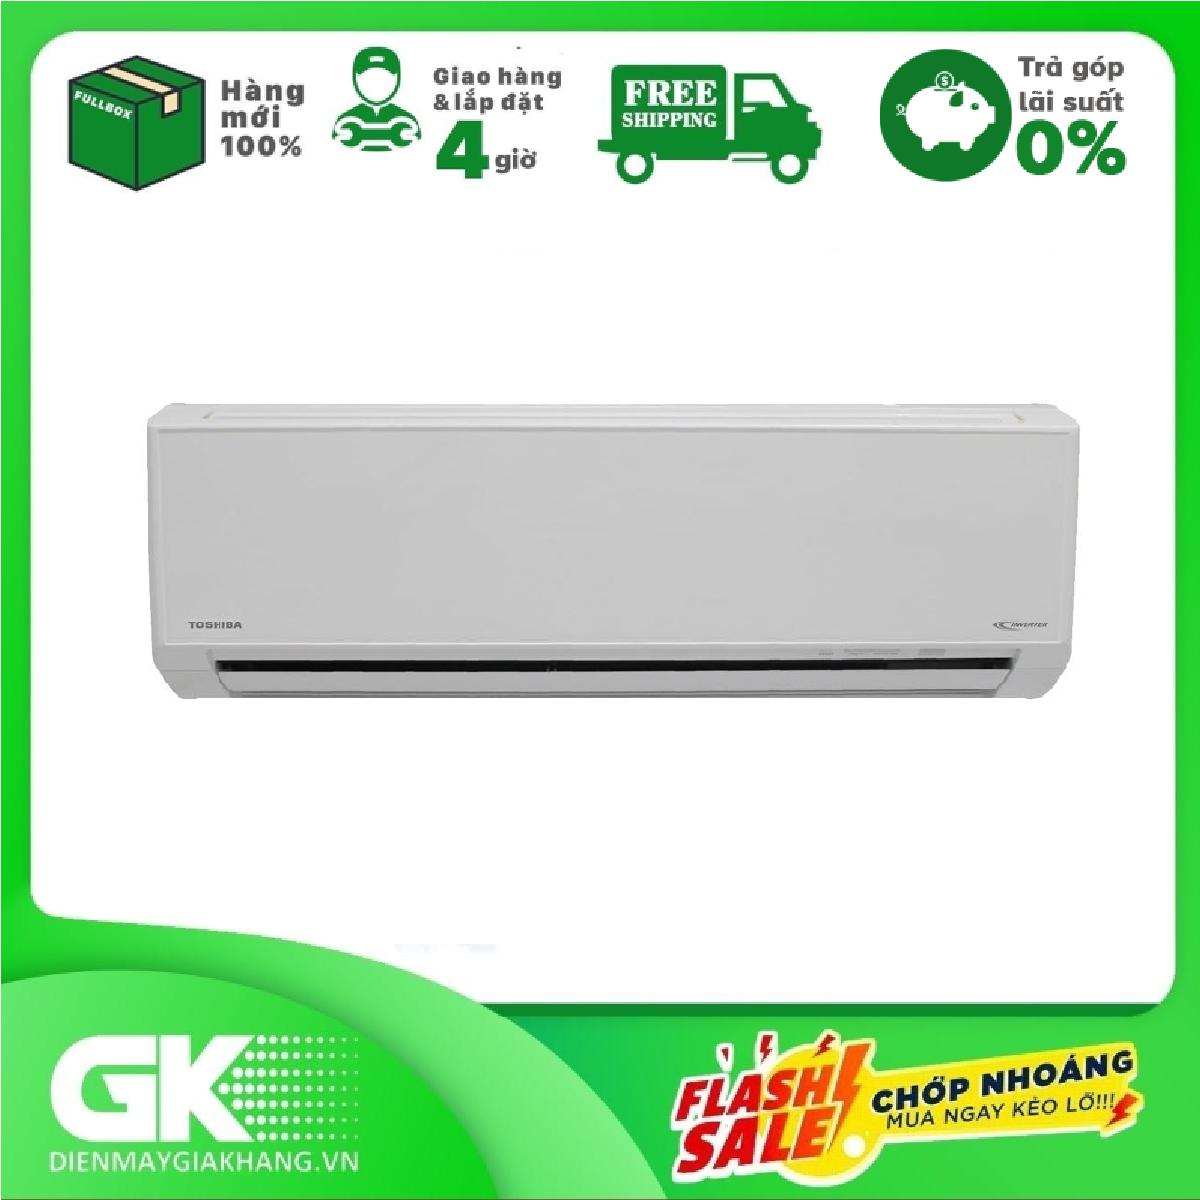 Ả GÓP 0% – Máy lạnh Toshiba Inverter 1 HP RAS-H10D2KCVG-V Mẫu 2020 – Bảo hành 12 tháng